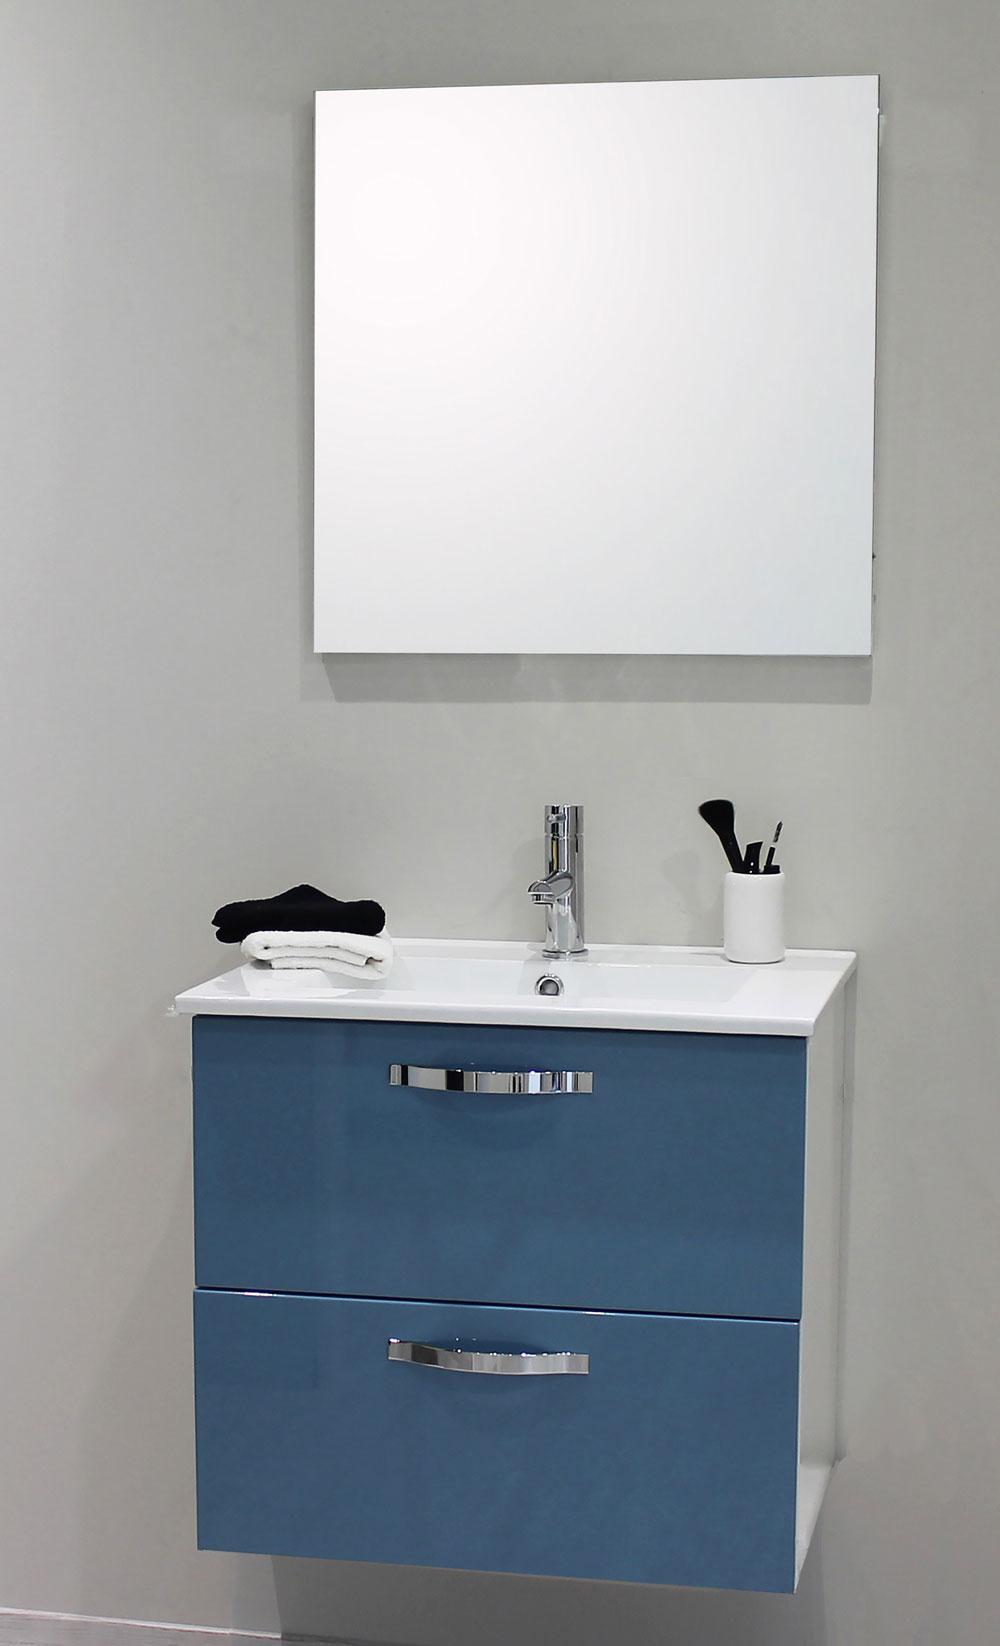 Façade de meuble de salle bain Mixy bleu 200 cm 20 pièces - Mr.Bricolage